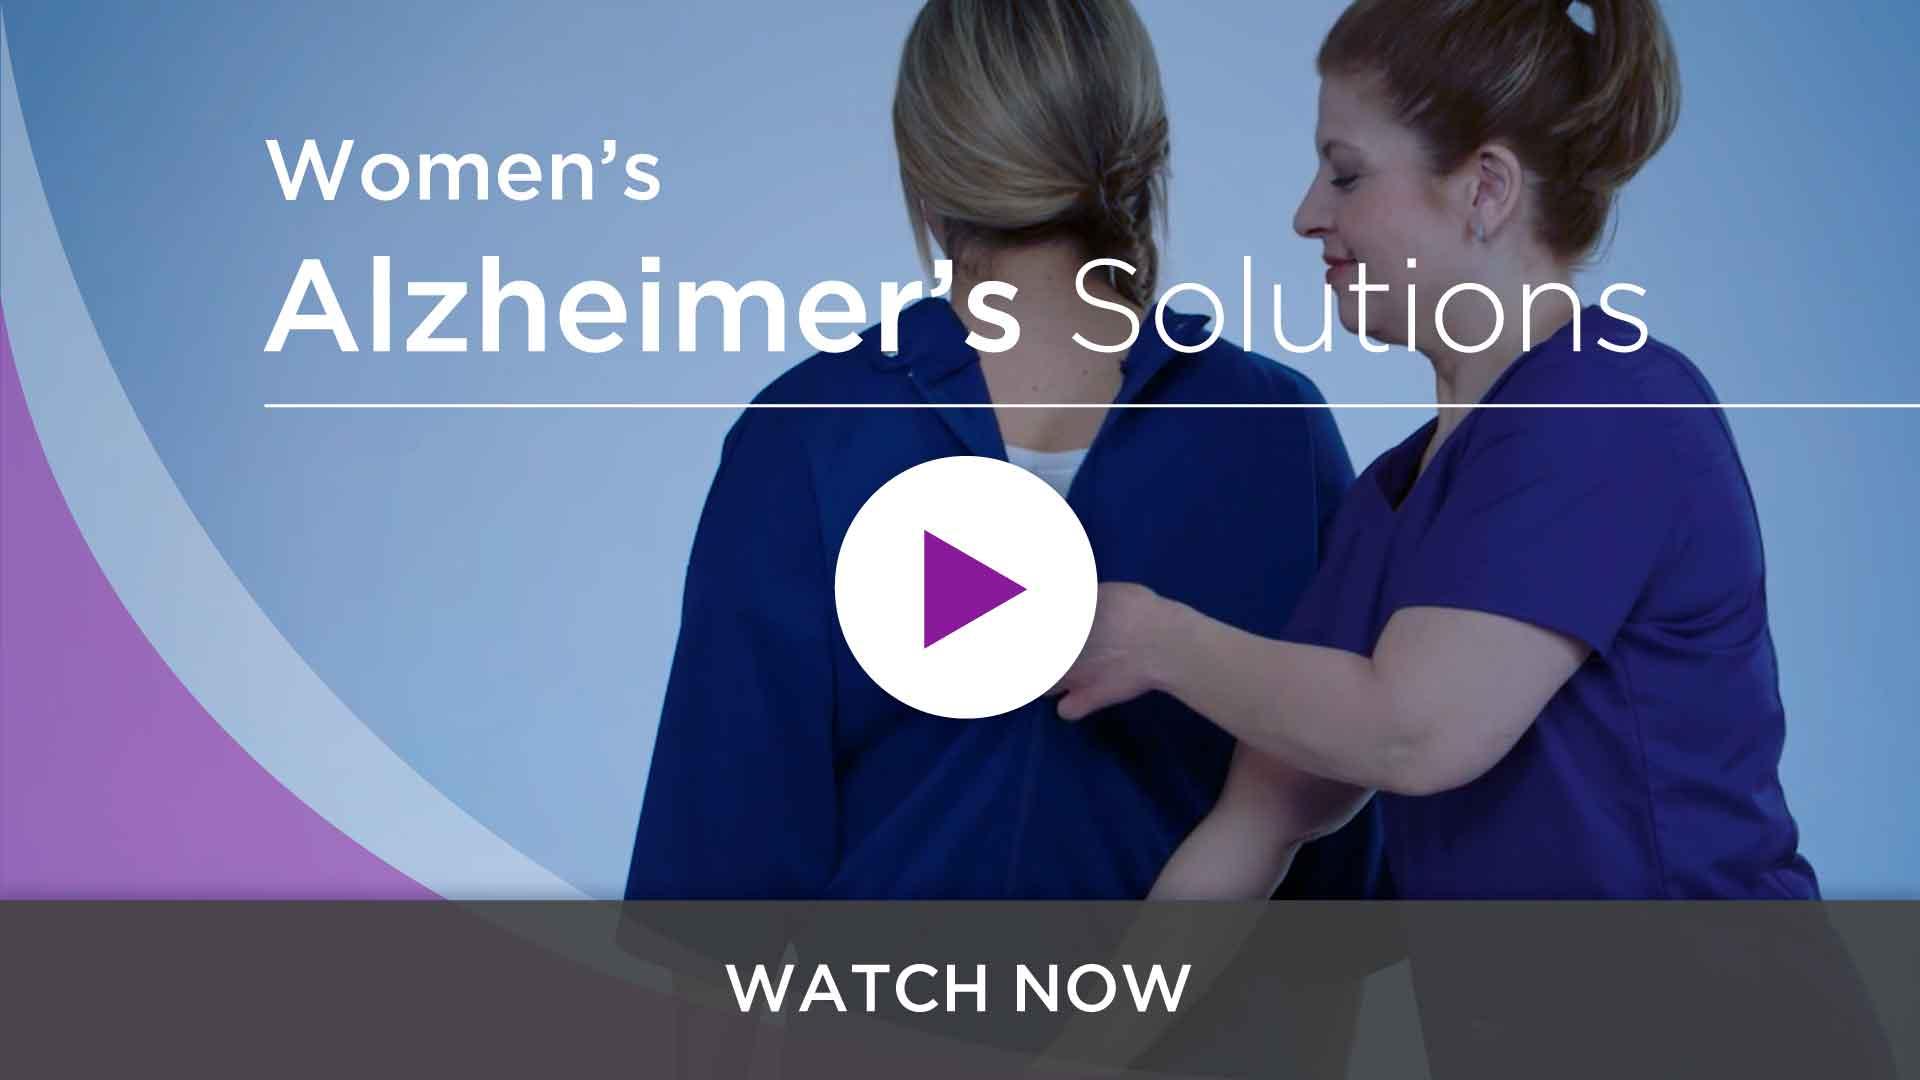 Women's Alzheimer's Jumpsuits